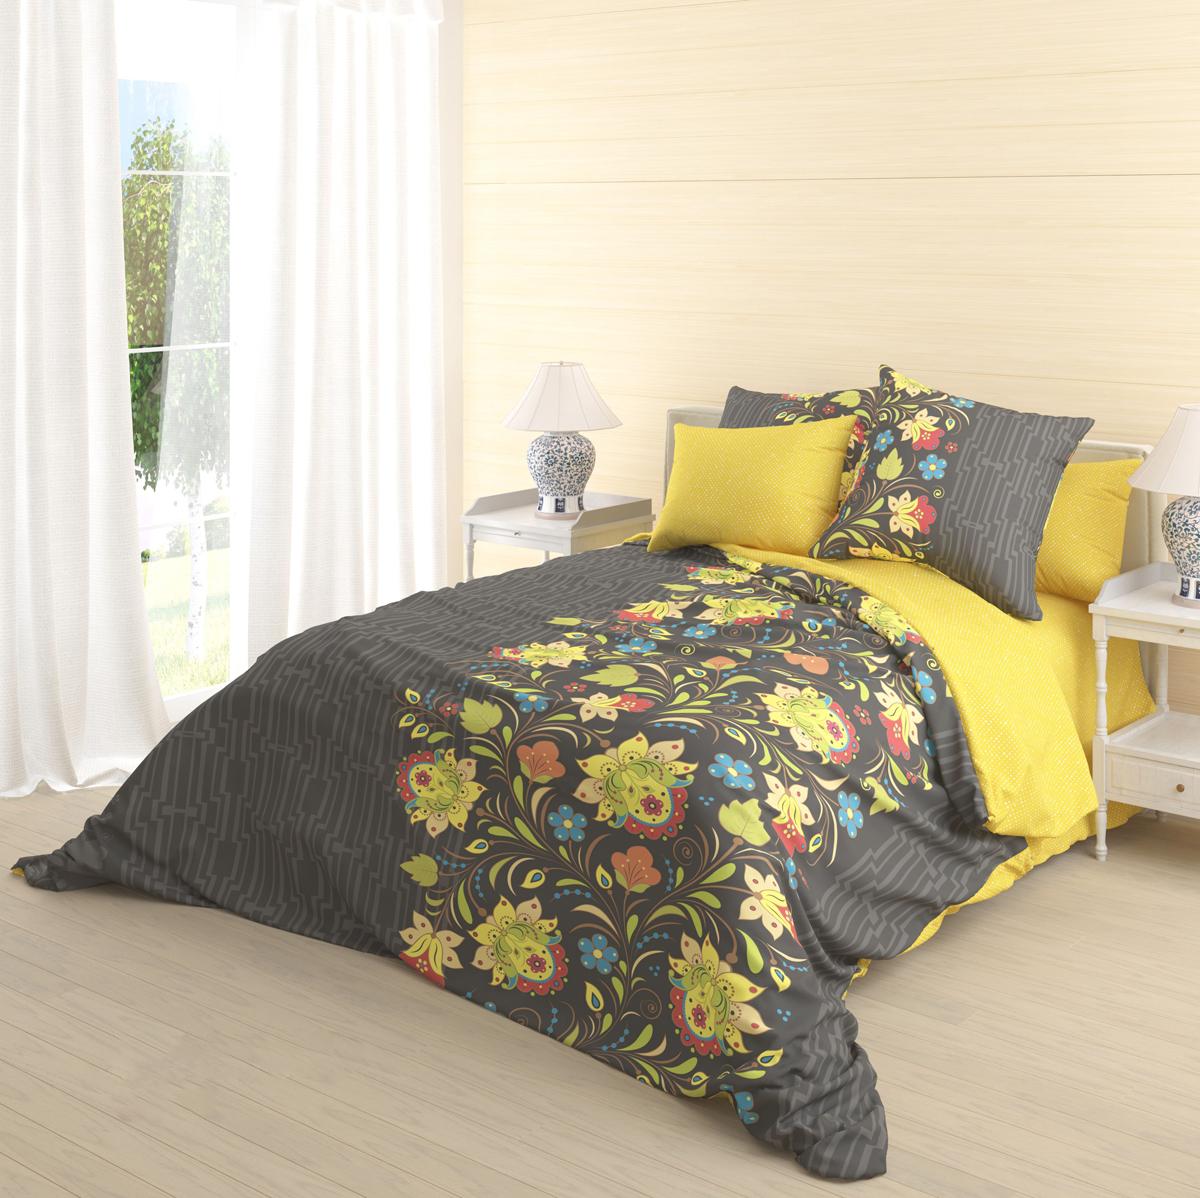 Комплект белья Волшебная ночь Veles, 2-спальный, наволочки 50х70 см718603Роскошный комплект постельного белья Волшебная ночь Veles выполнен из натурального ранфорса (100% хлопка) и оформлен оригинальным рисунком. Комплект состоит из пододеяльника, простыни и двух наволочек.Ранфорс - это новая современная гипоаллергенная ткань из натуральных хлопковых волокон, которая прекрасно впитывает влагу, очень проста в уходе, а за счет высокой прочности способна выдерживать большое количество стирок. Высочайшее качество материала гарантирует безопасность.